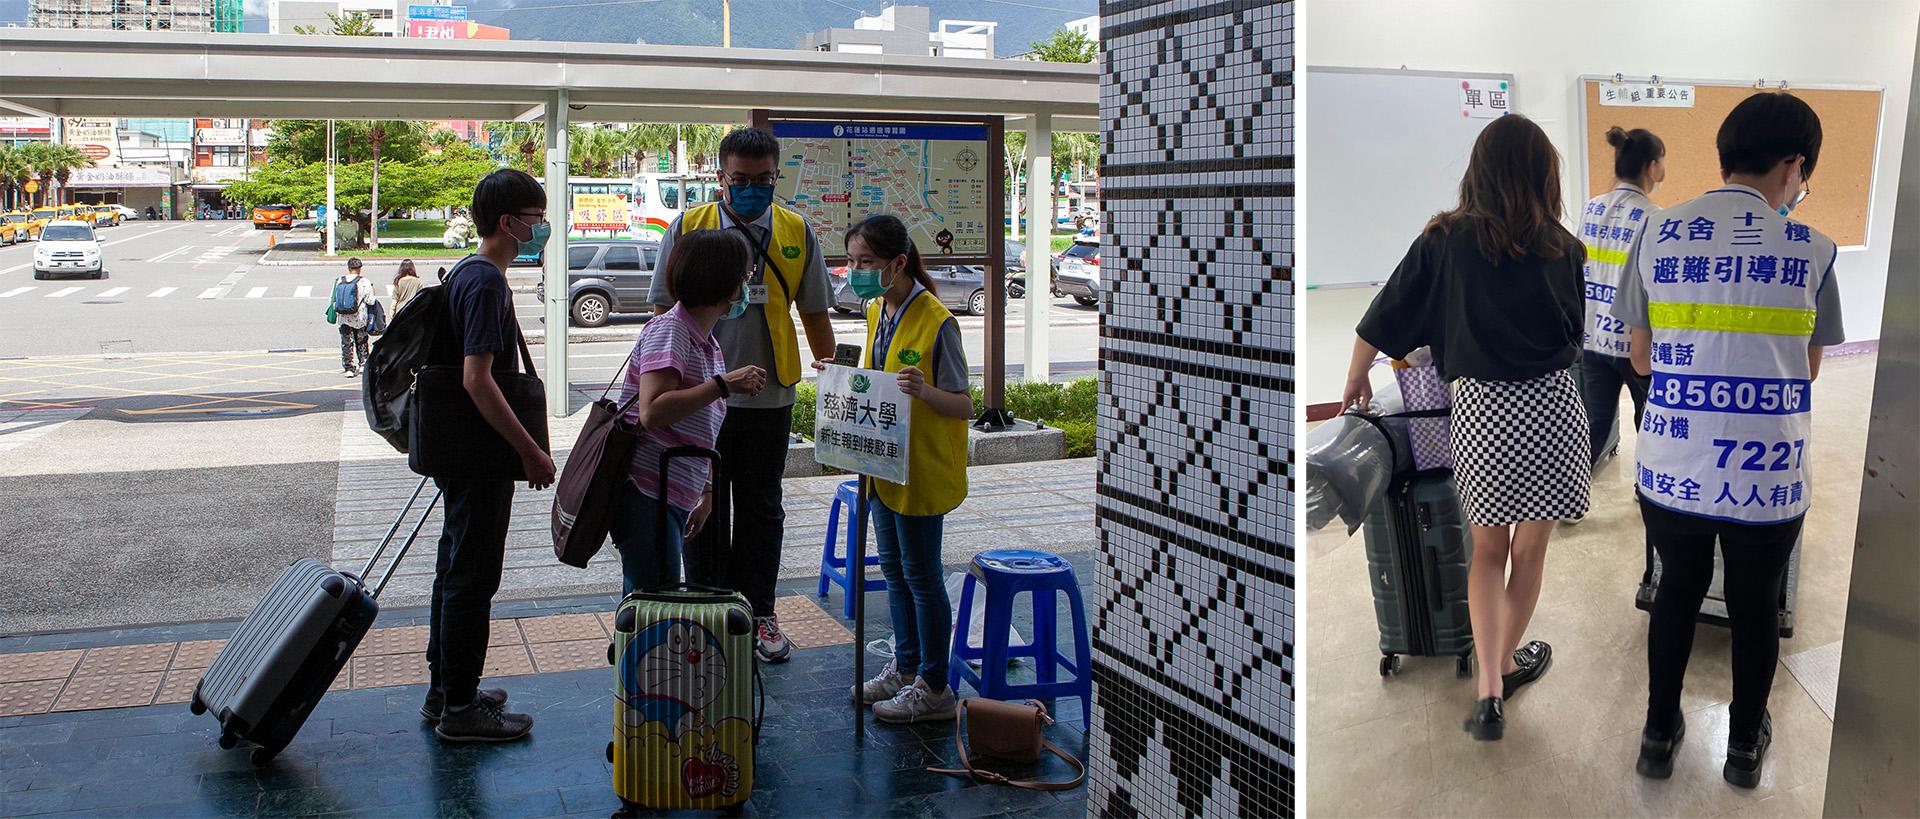 慈濟大學在花蓮火車站有定點服務的同學,還有接駁車接送他們到宿舍